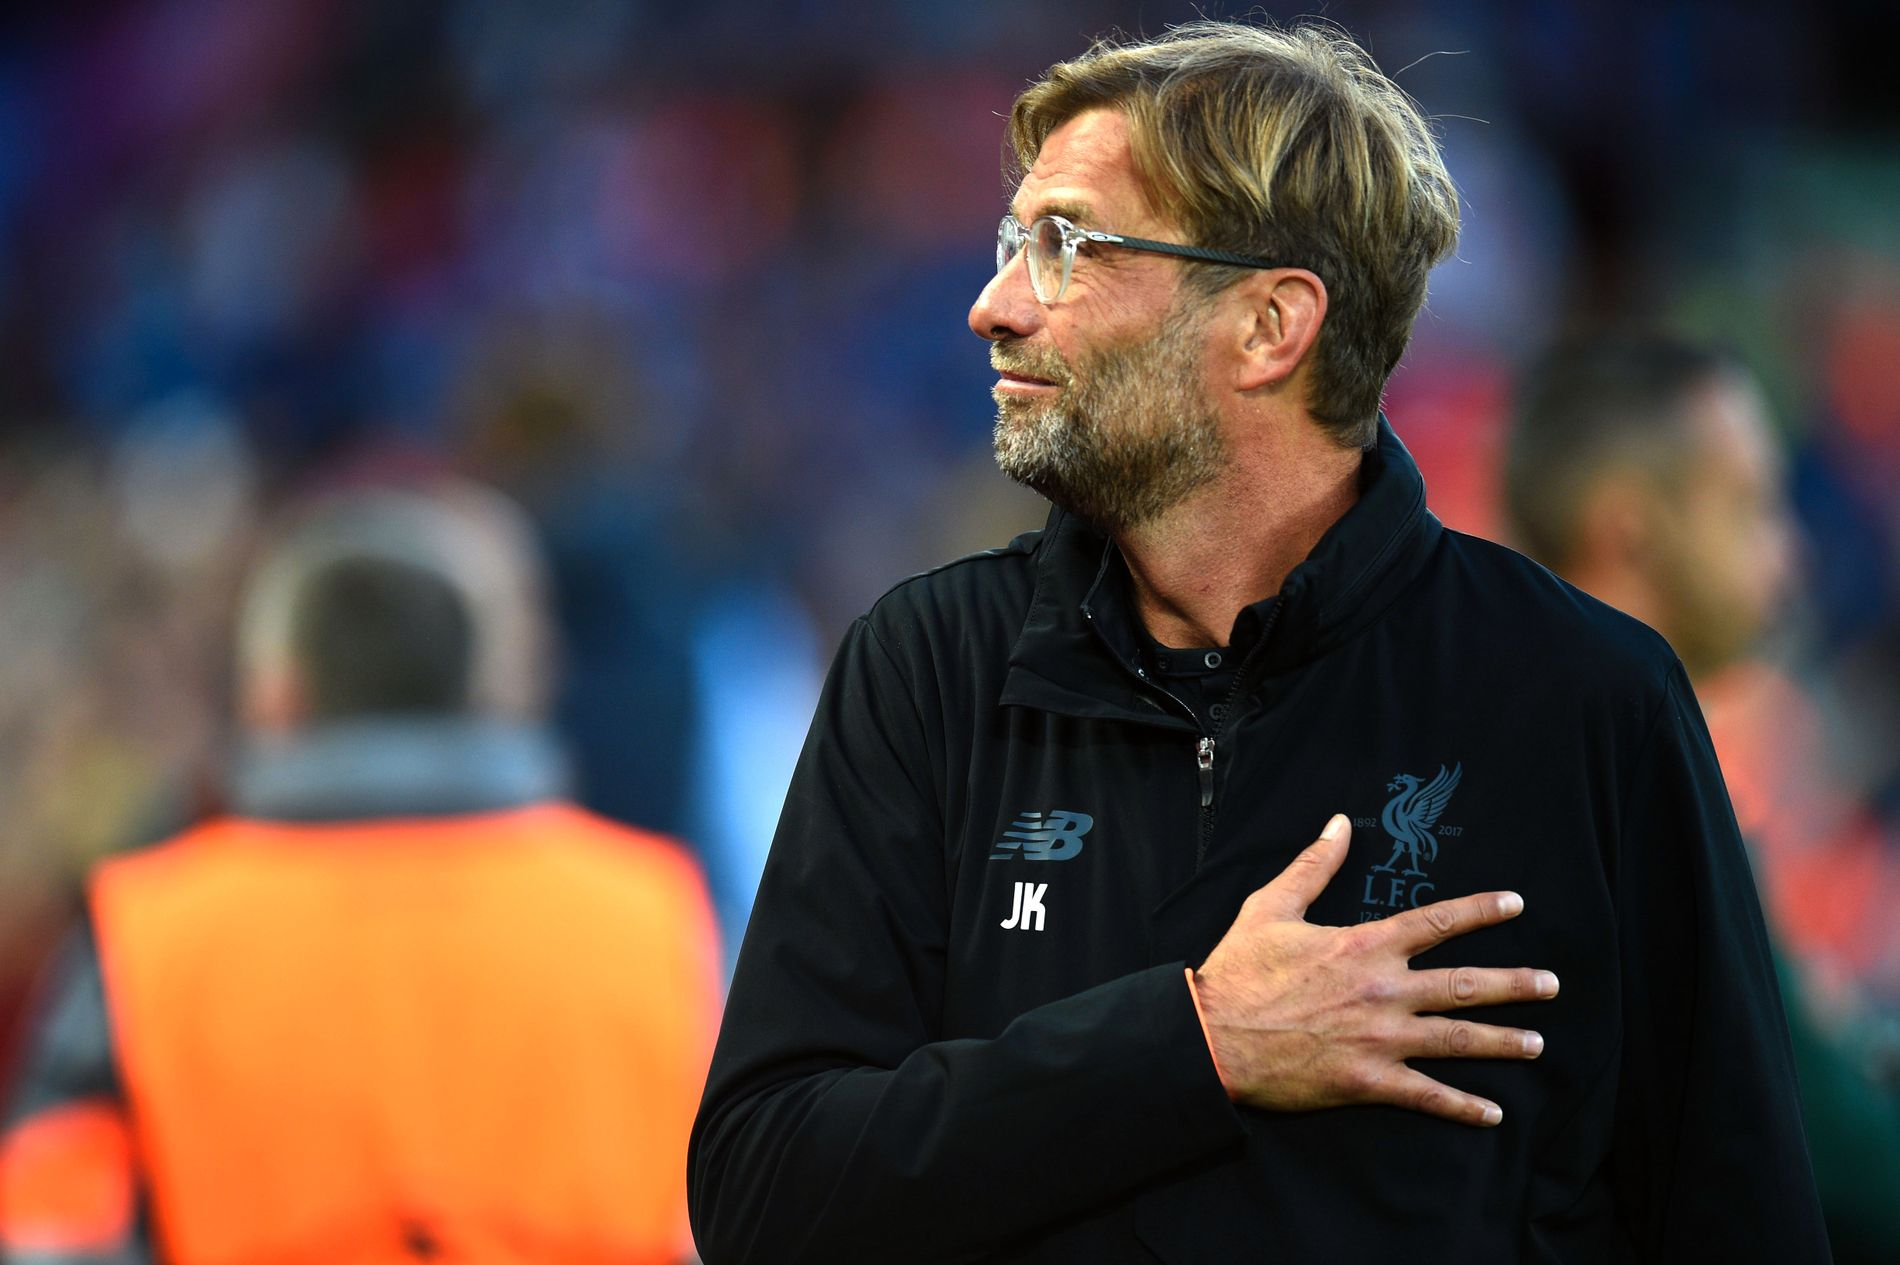 KLAR FOR CL: Jürgen Klopp og Liverpool er klare for gruppespillet i Champions League etter å ha slått ut Hoffenheim i play off.